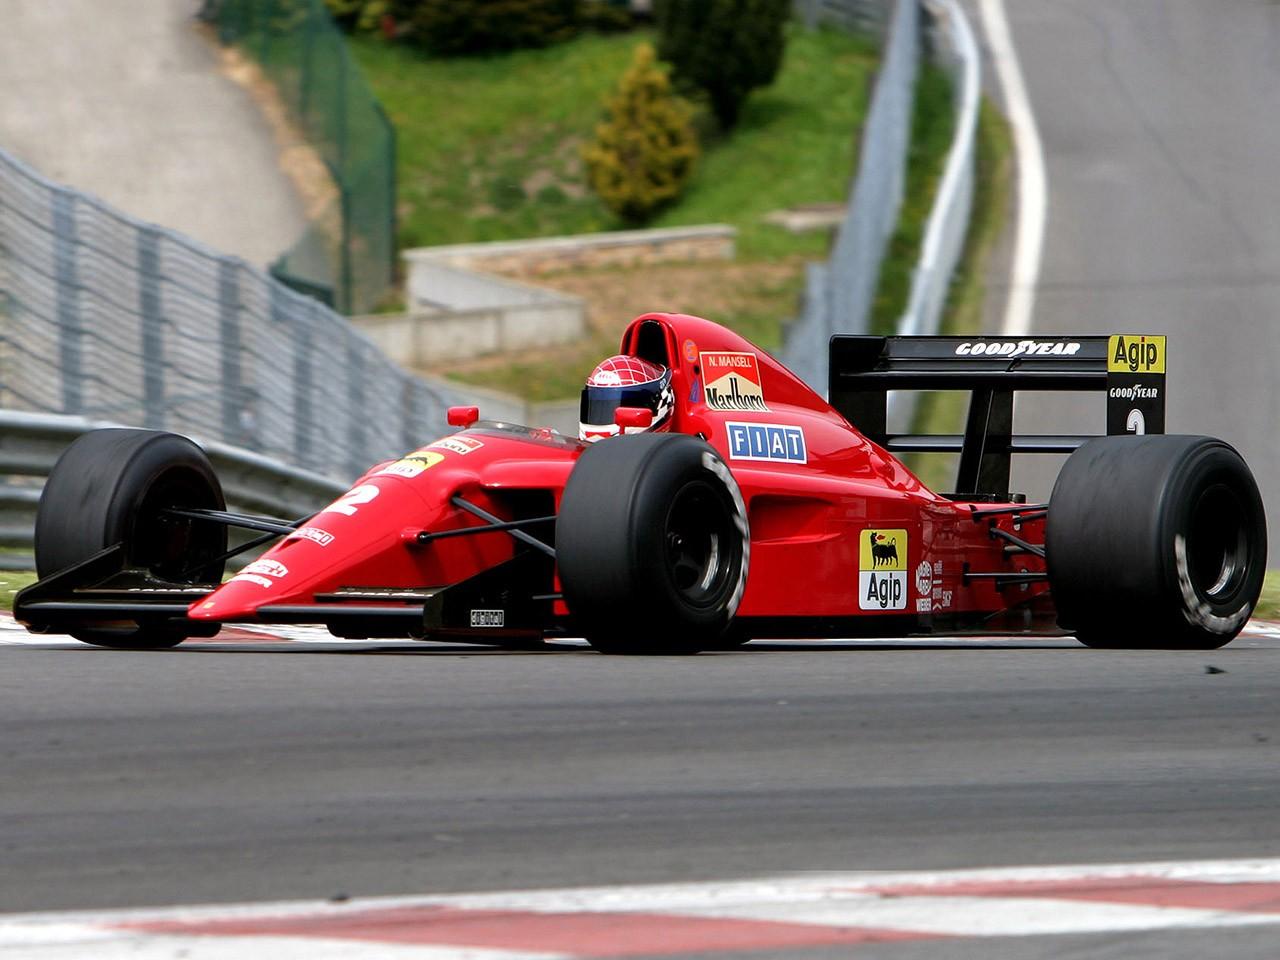 Ferrari 641 V12 F1 1990